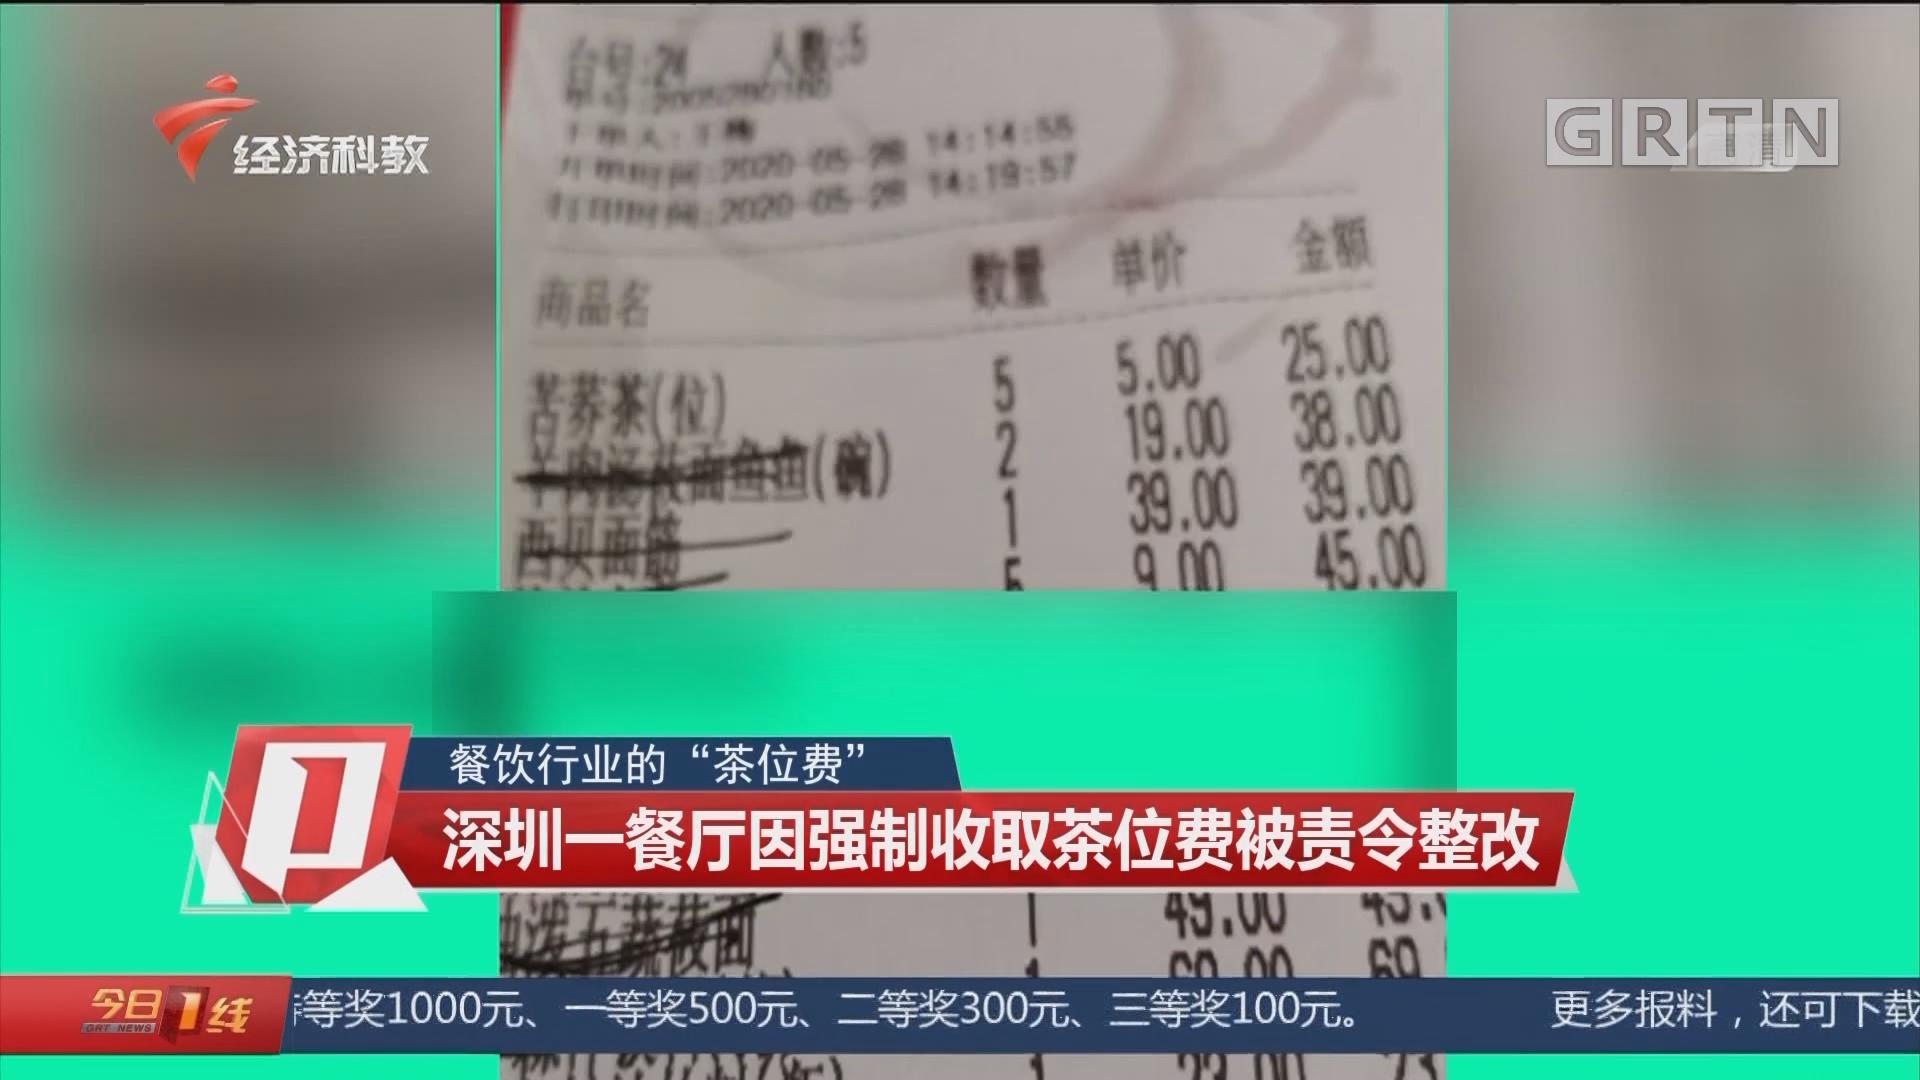 """餐饮行业的""""茶位费"""" 深圳一餐厅因强制收取茶位费被责令整改"""